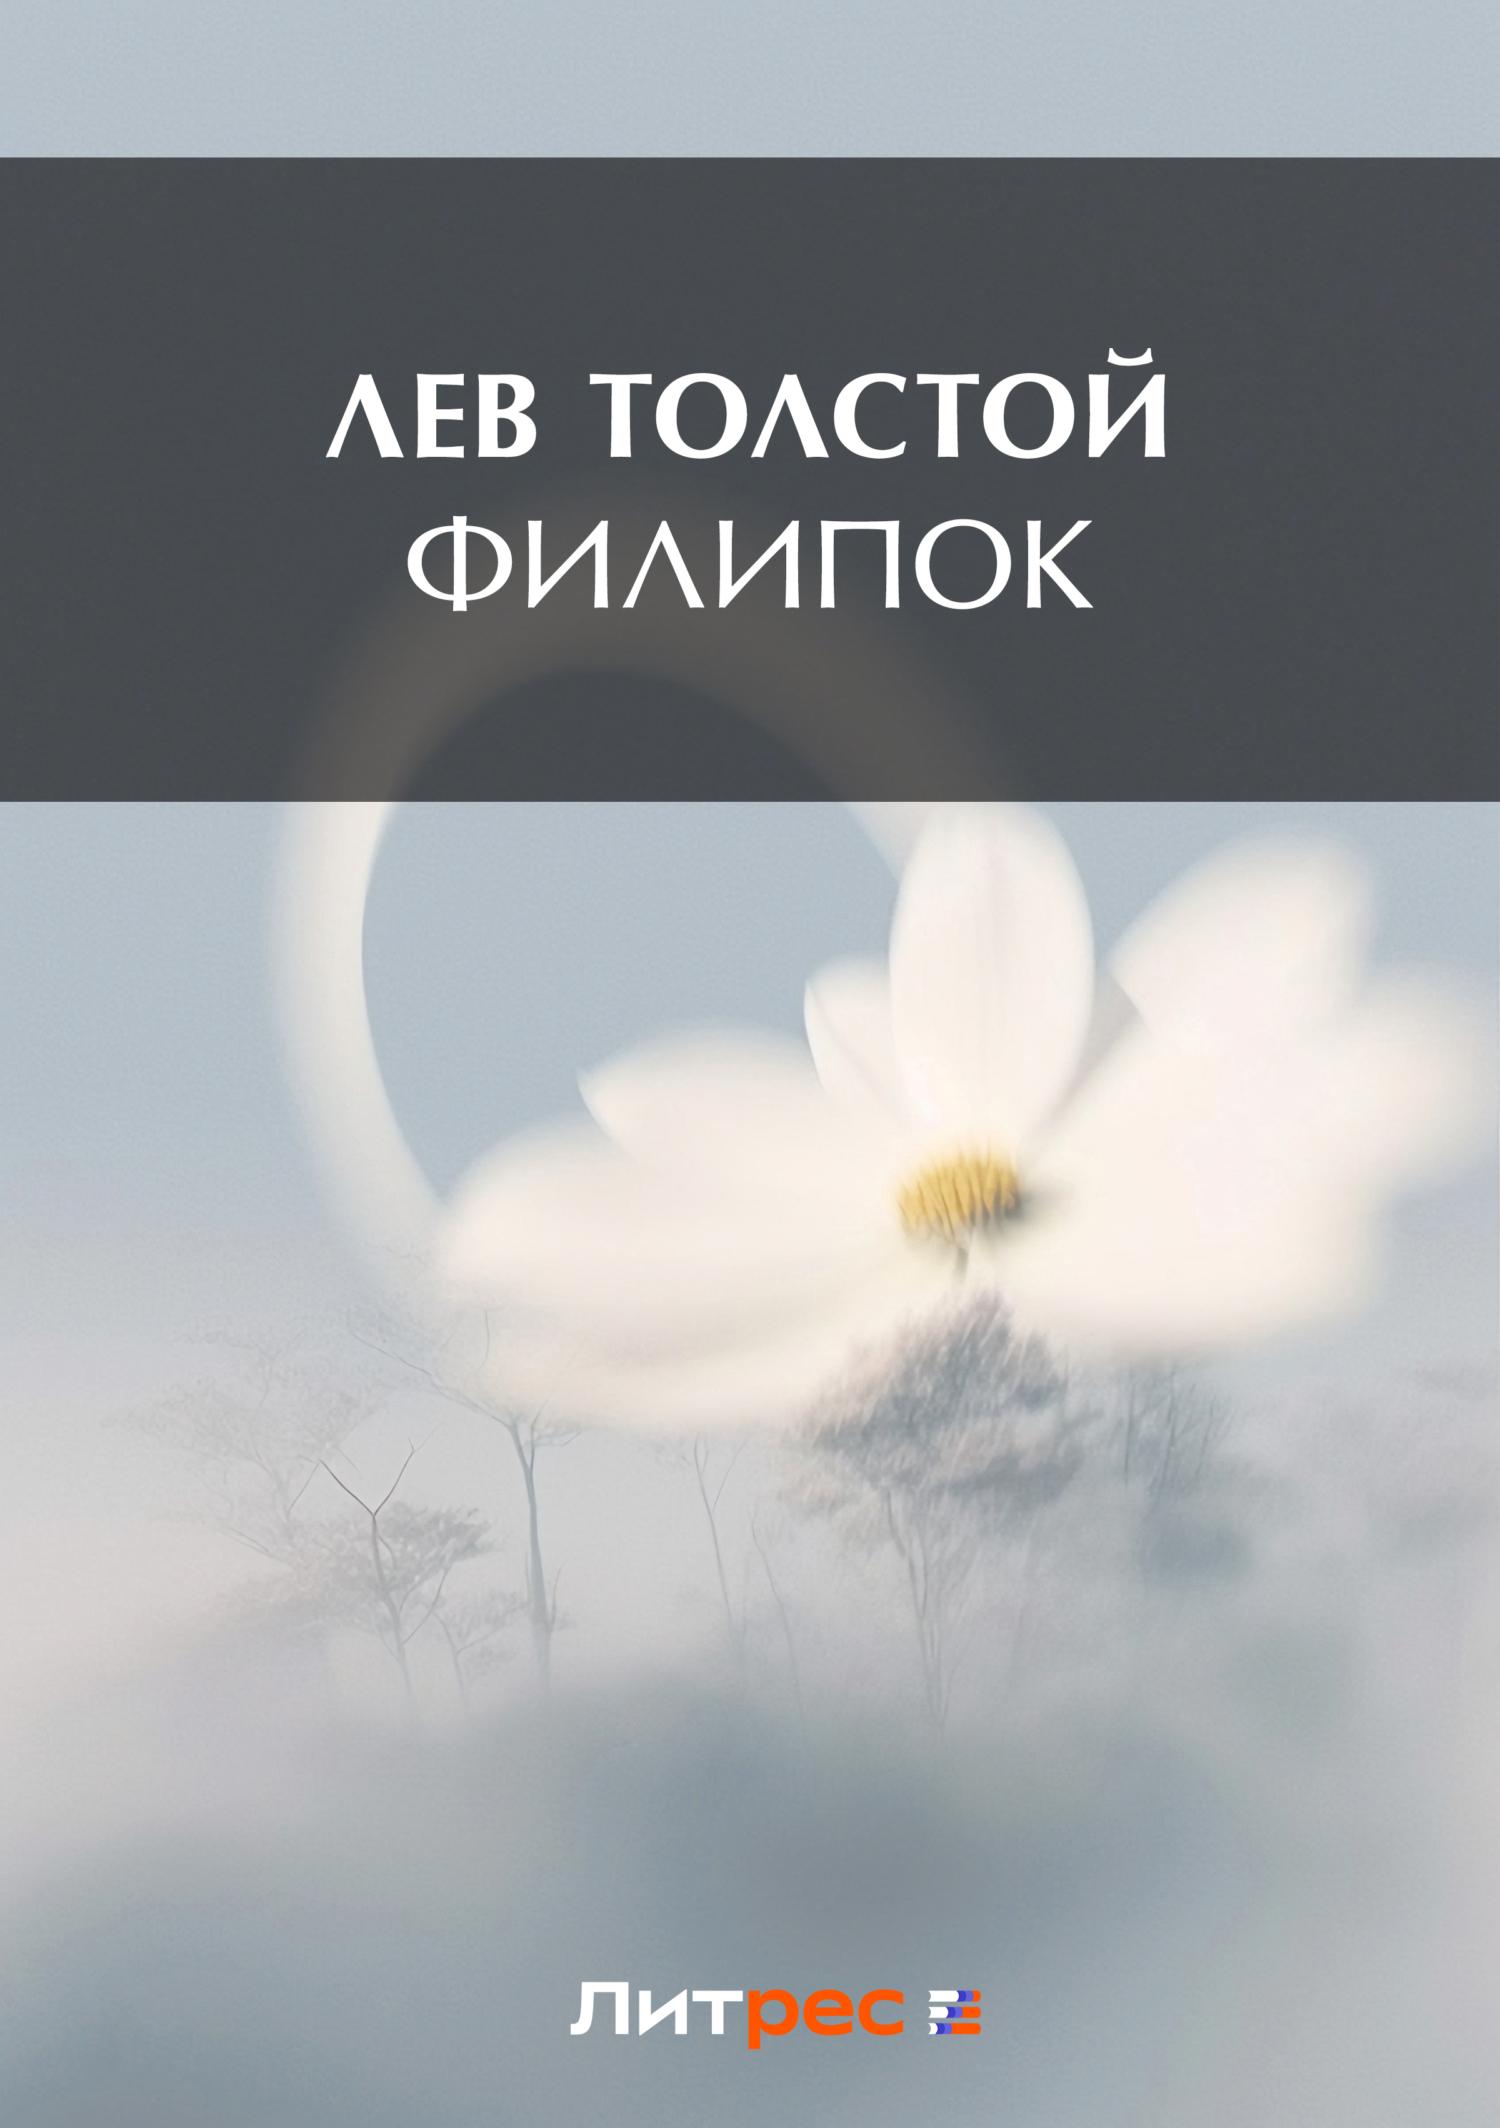 Лев Толстой Филипок лев толстой филипок